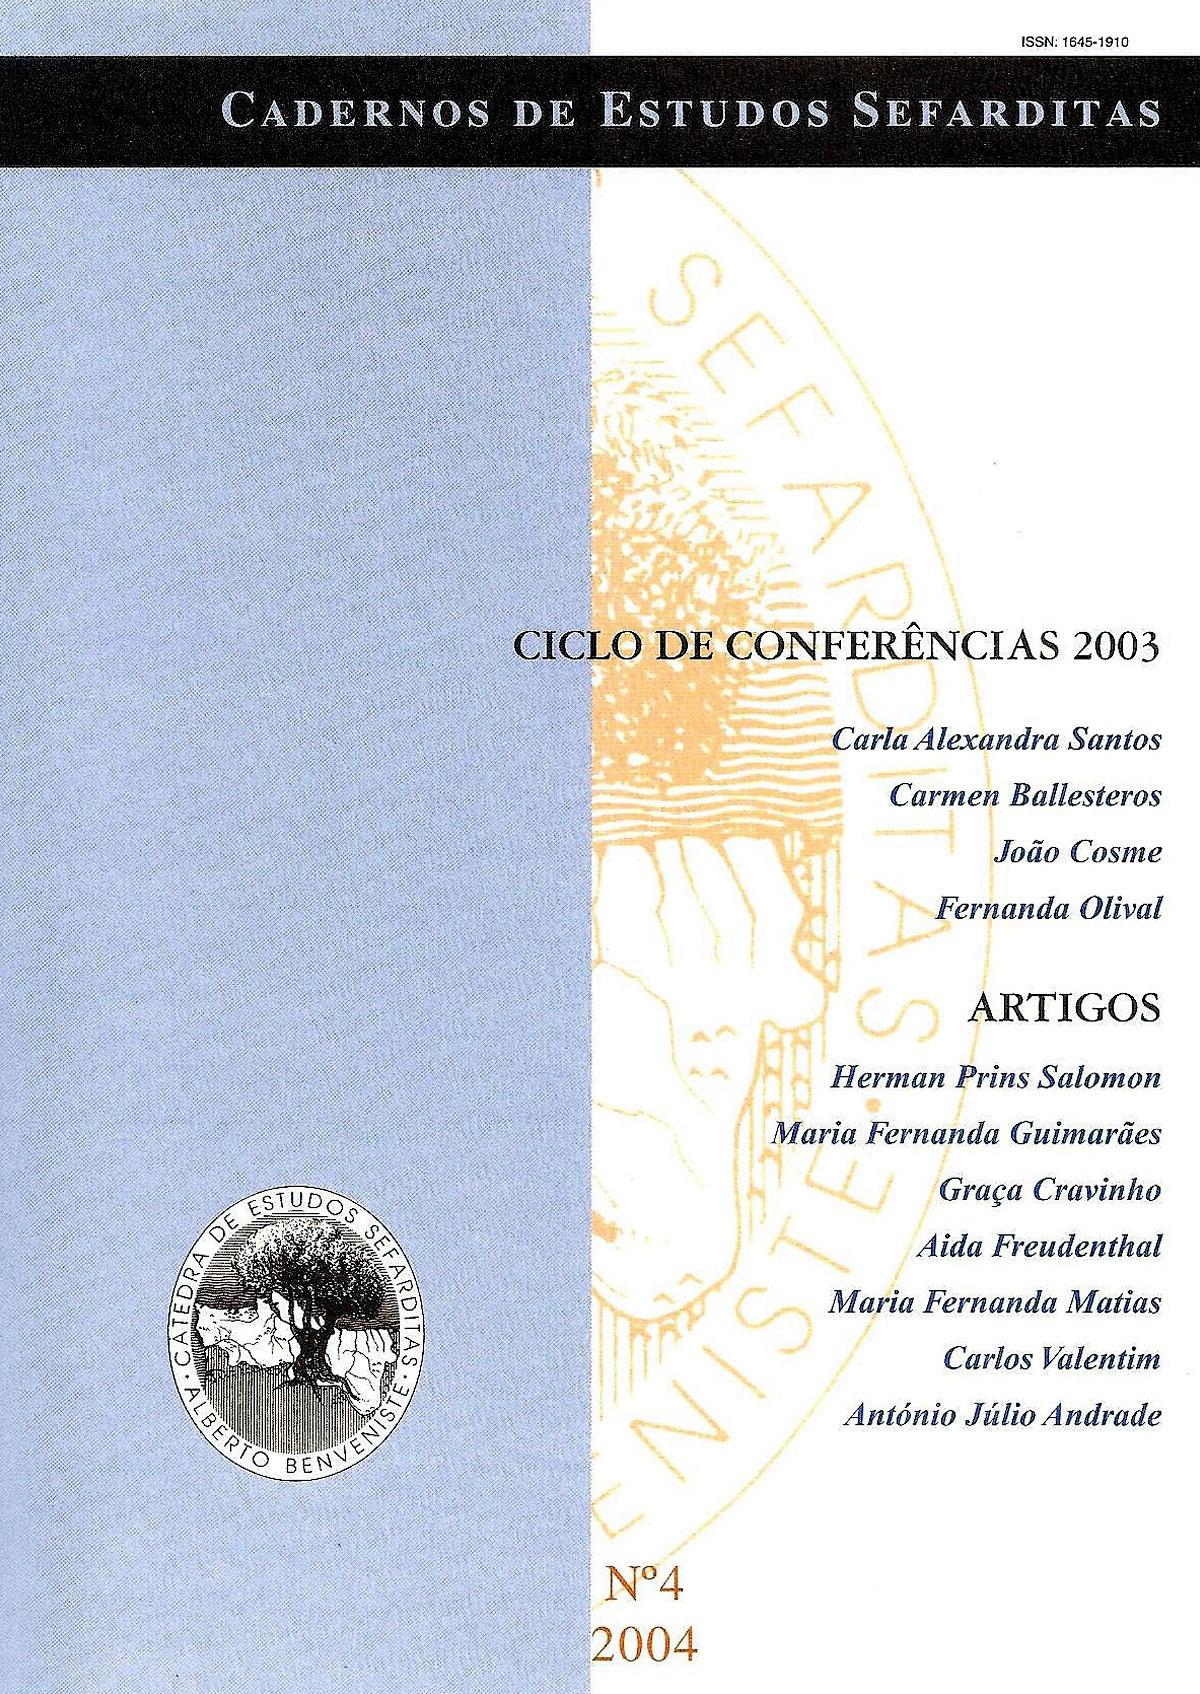 Nº4 / 2004